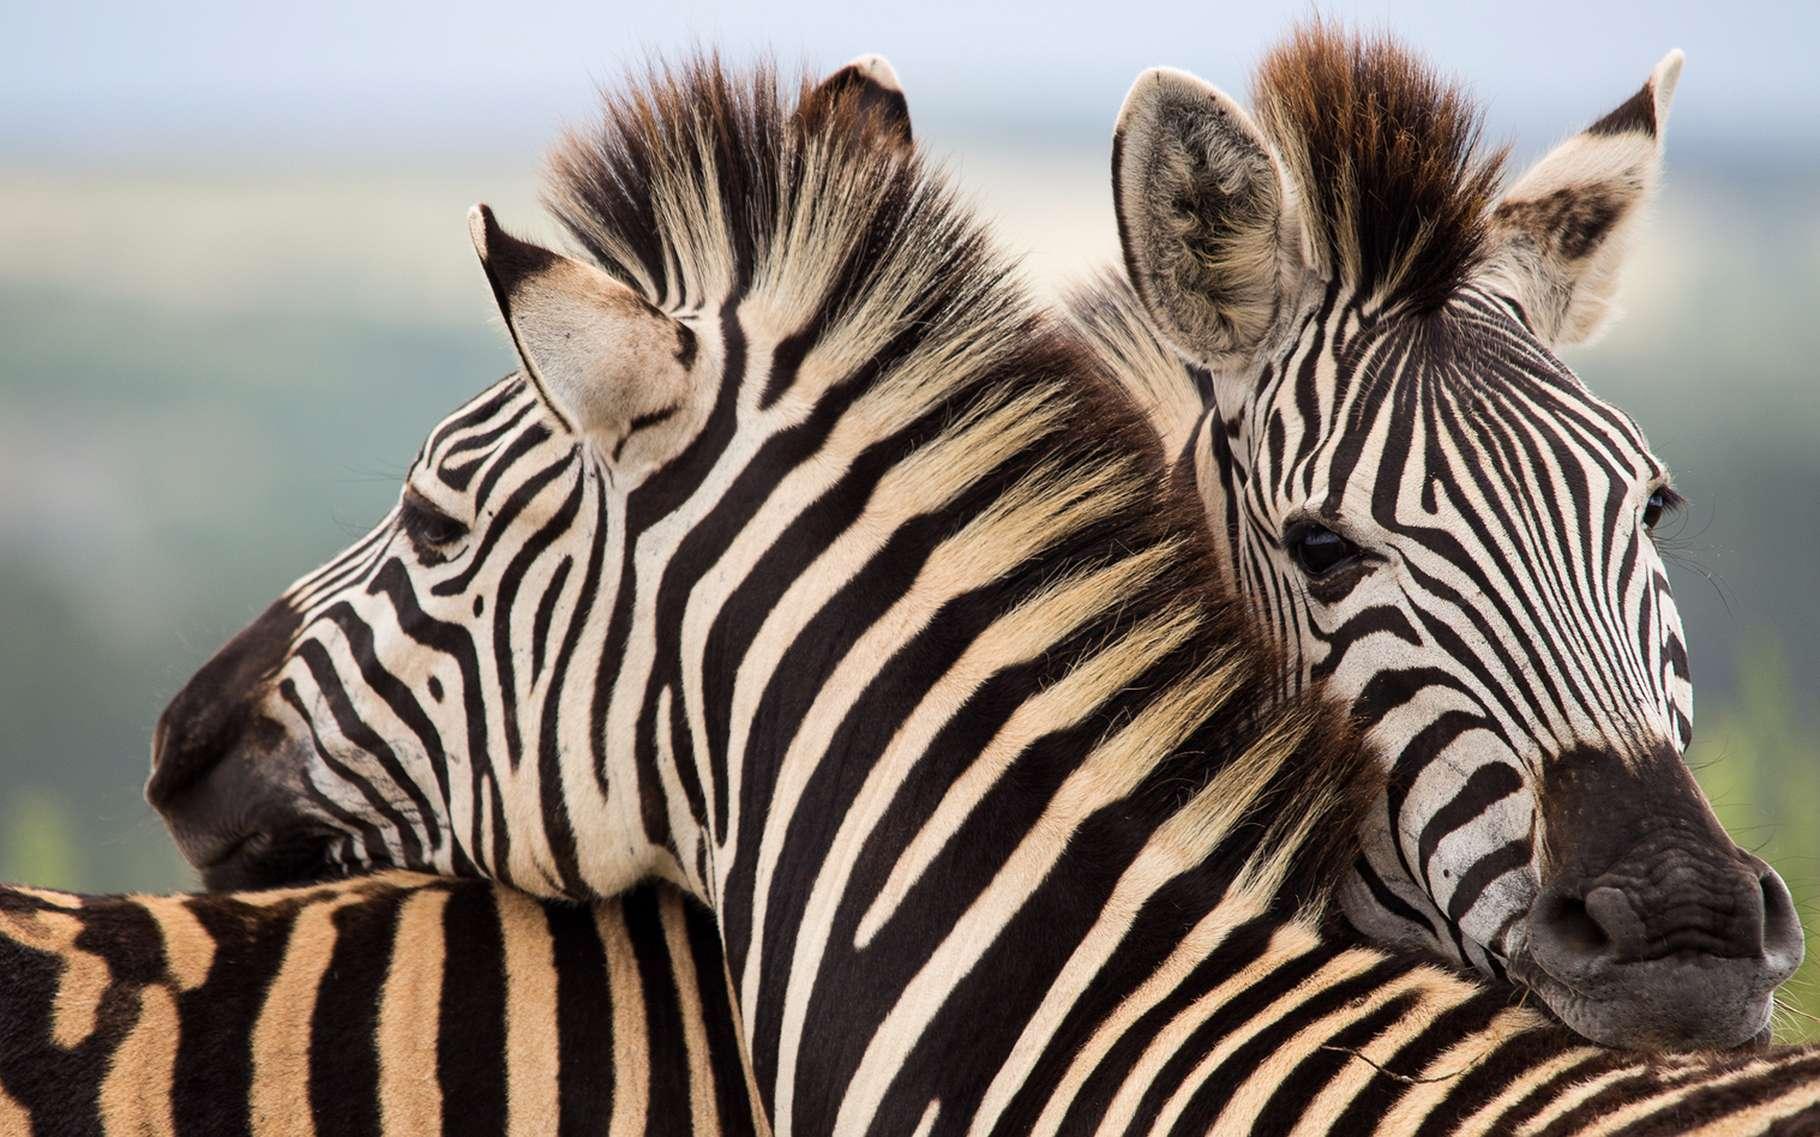 Les rayures du zèbre ont-elles un rôle ? © francesco de marco, Shutterstock